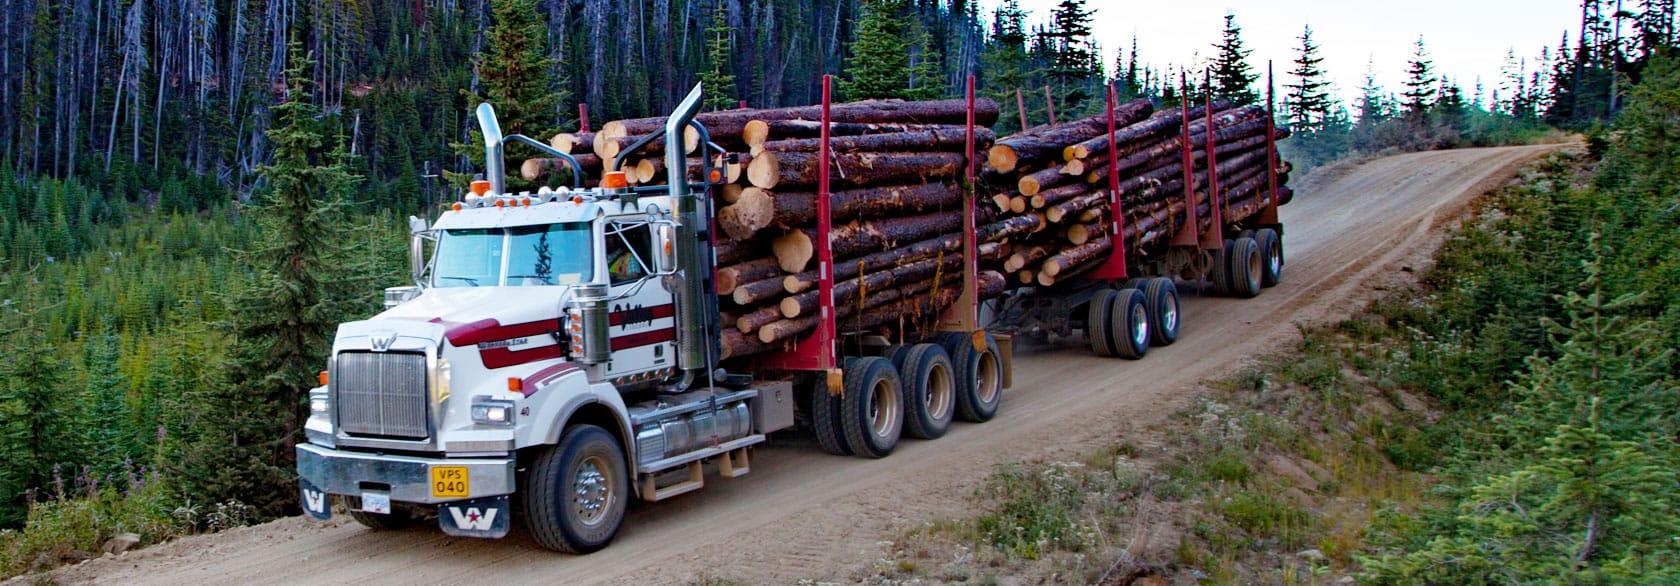 log hauling